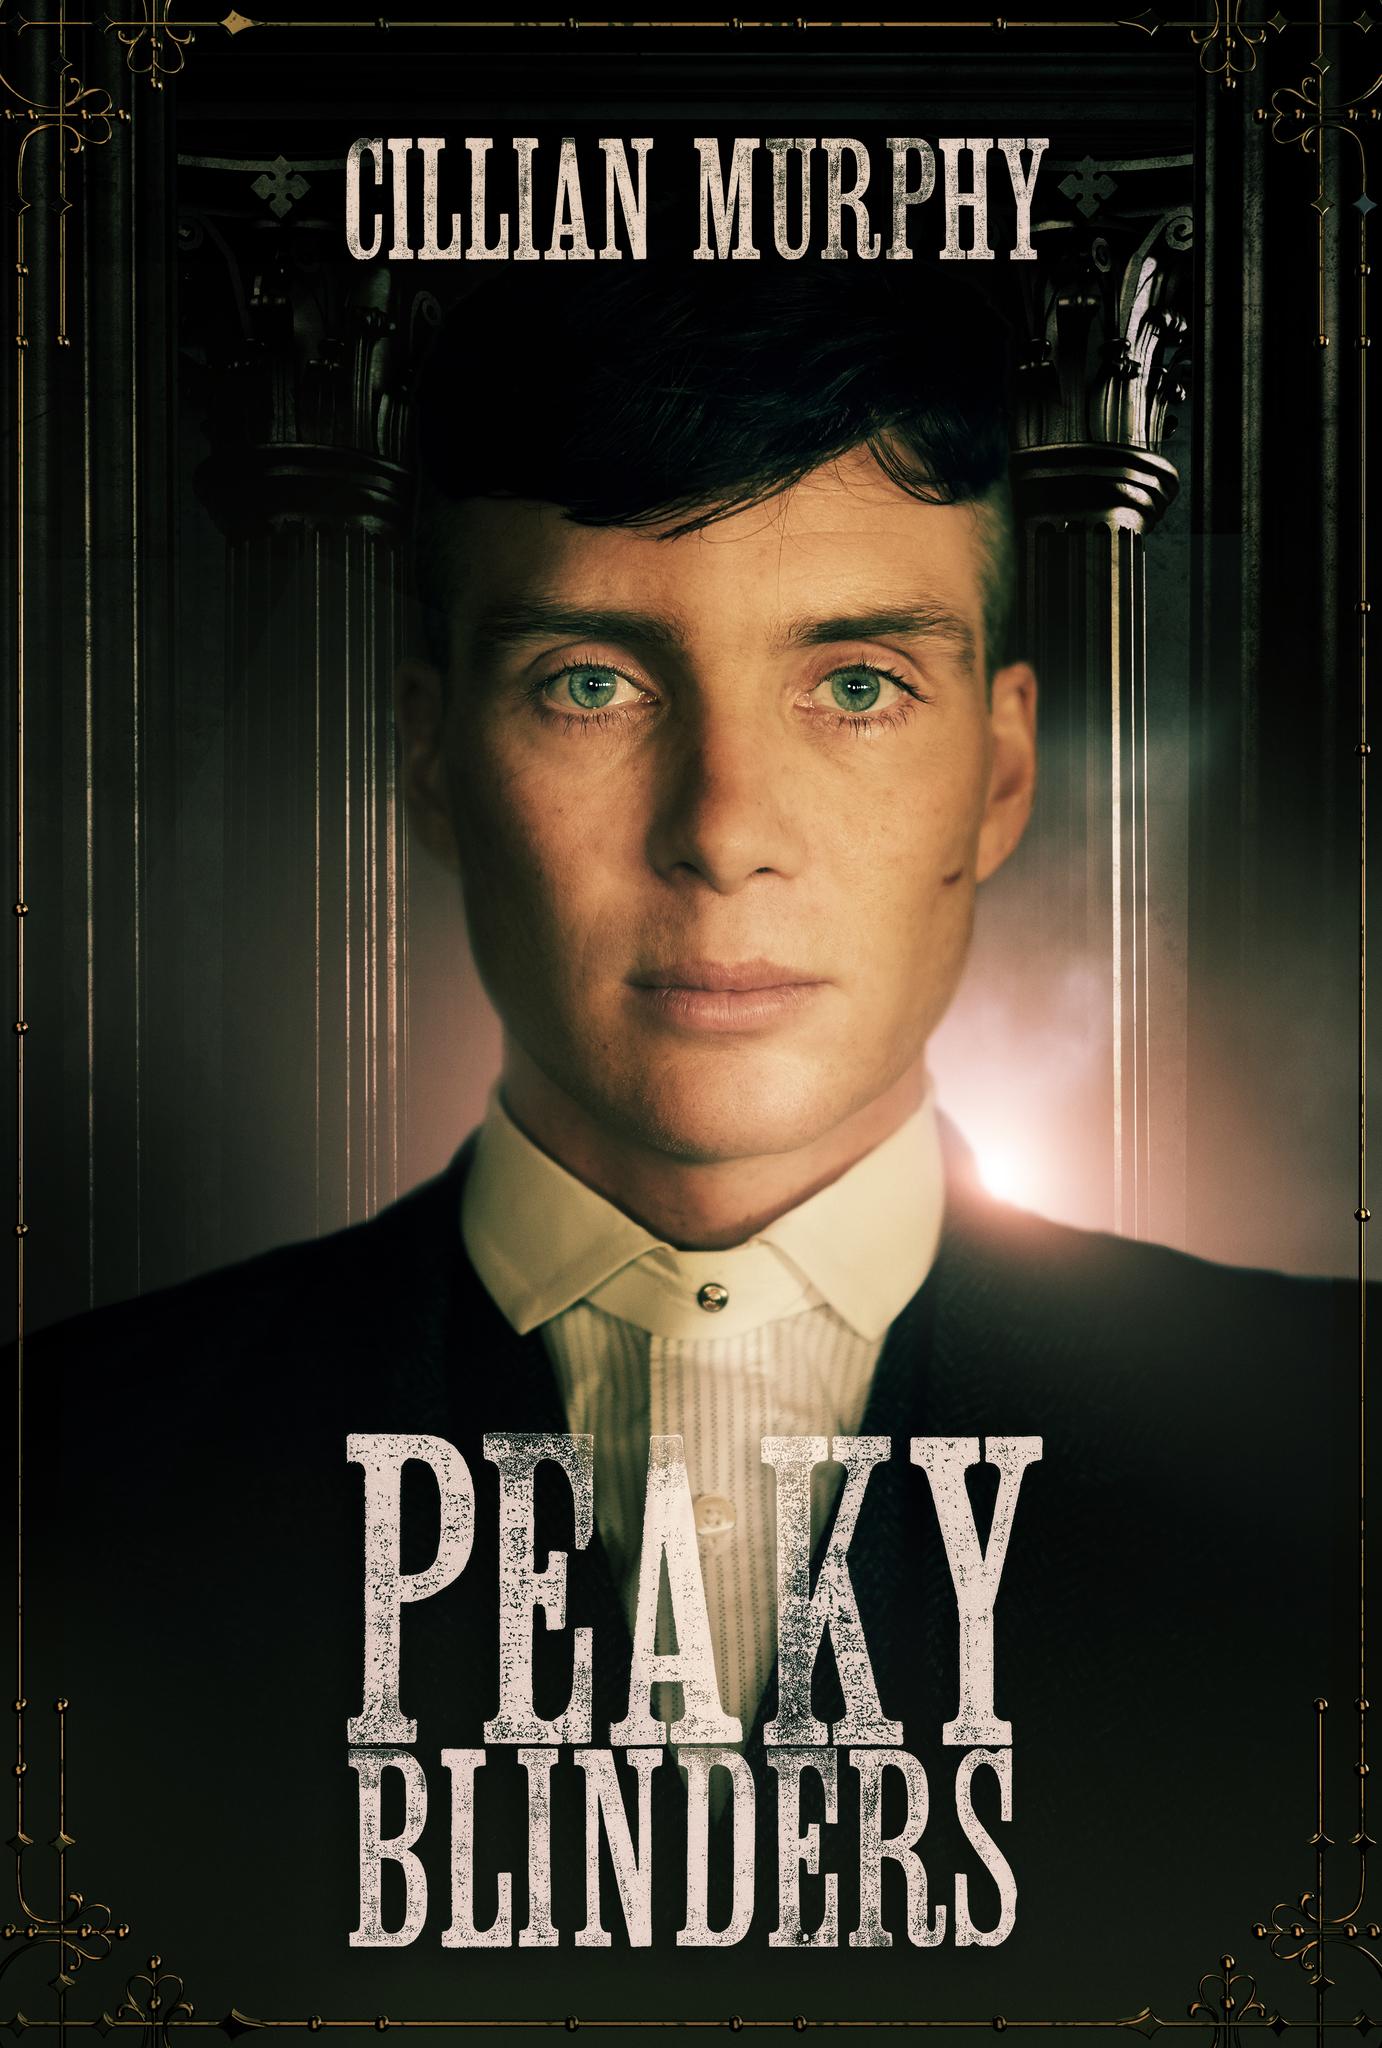 Peaky Blinders Season 5 WEBRip 480p, 720p & 1080p